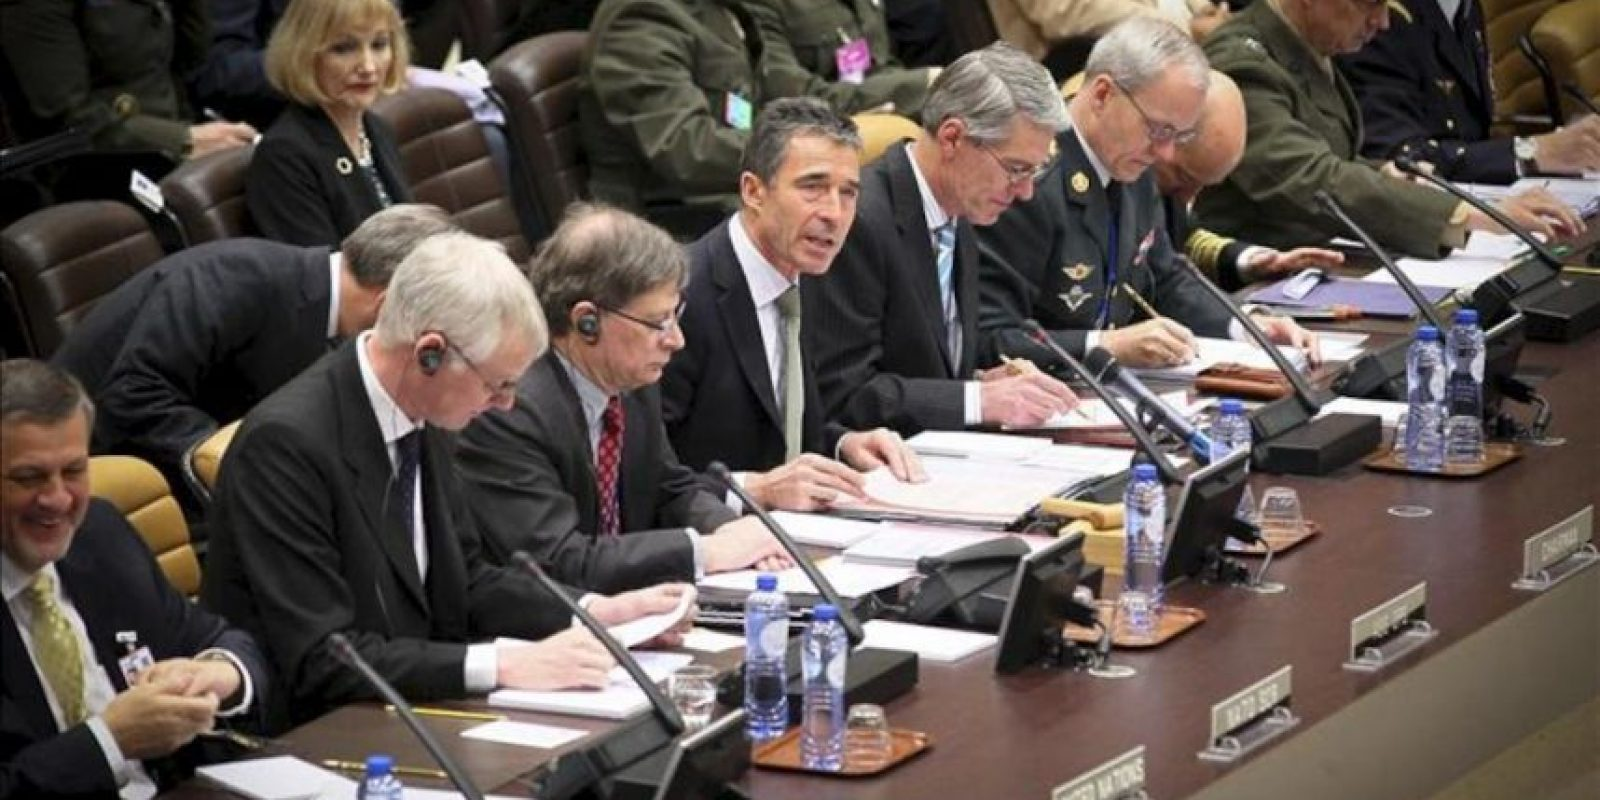 El secretario general de la OTAN, Anders Fogh Rasmussen (c), durante una reunión con los ministros de Exteriores de la organización y el jefe de la diplomacia rusa, Sergéi Lavrov, en la sede de la alianza en Bruselas, Bélgica, hoy, jueves 19 de abril de 2012. EFE